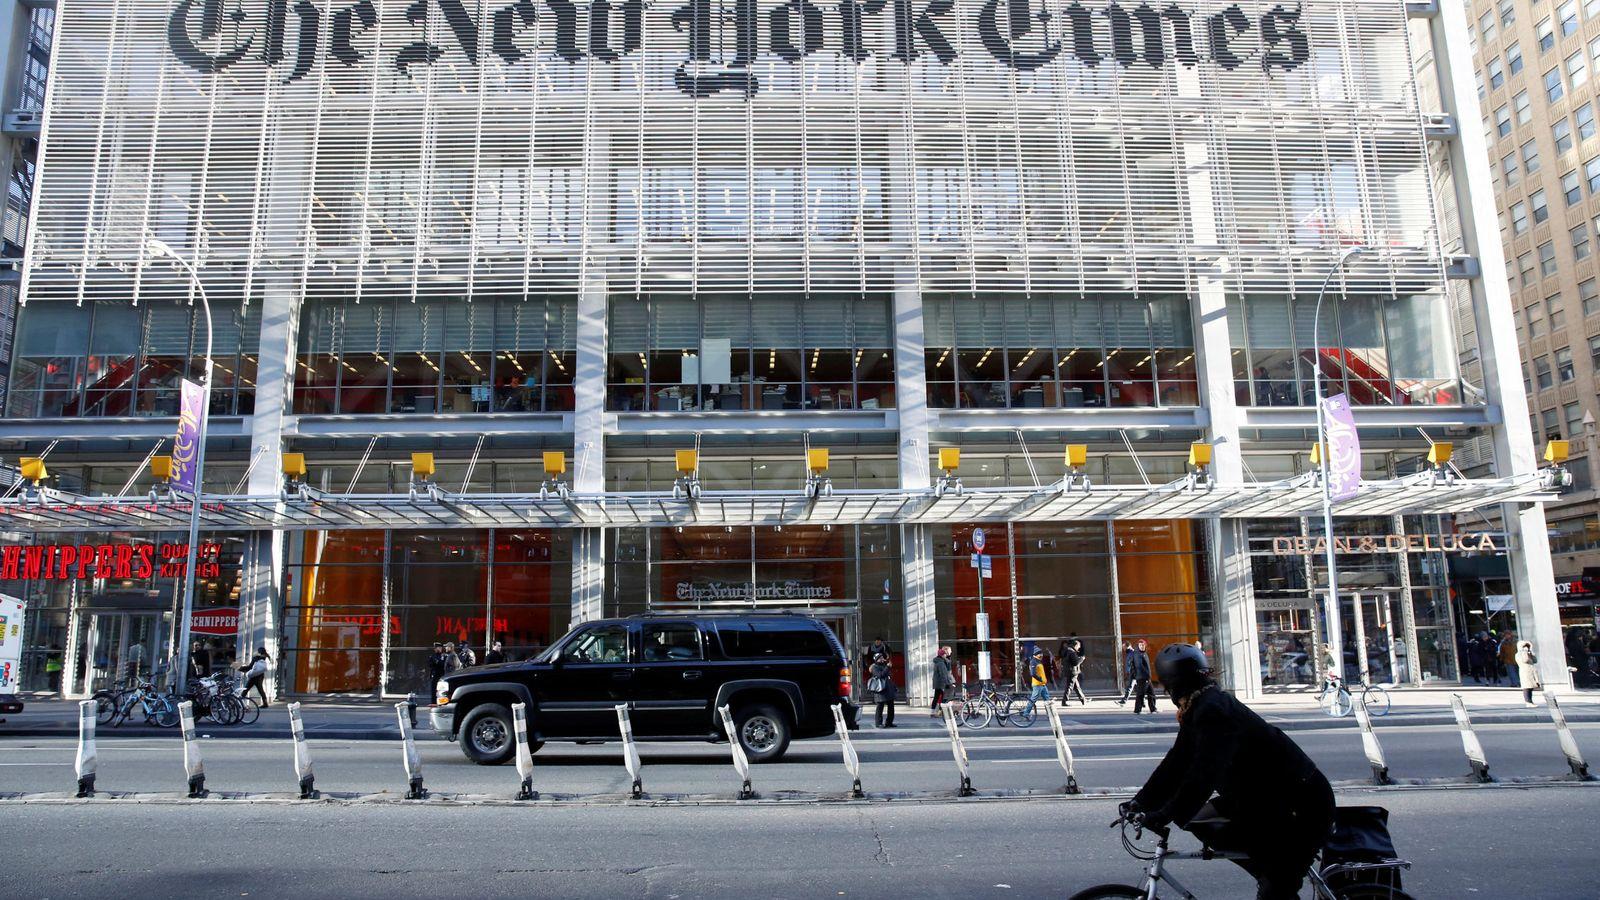 """Foto: La caravana del presidente electo Donald Trump llega al edificio del diario """"The New York Times"""", el 22 de noviembre de 2016 (Reuters)"""